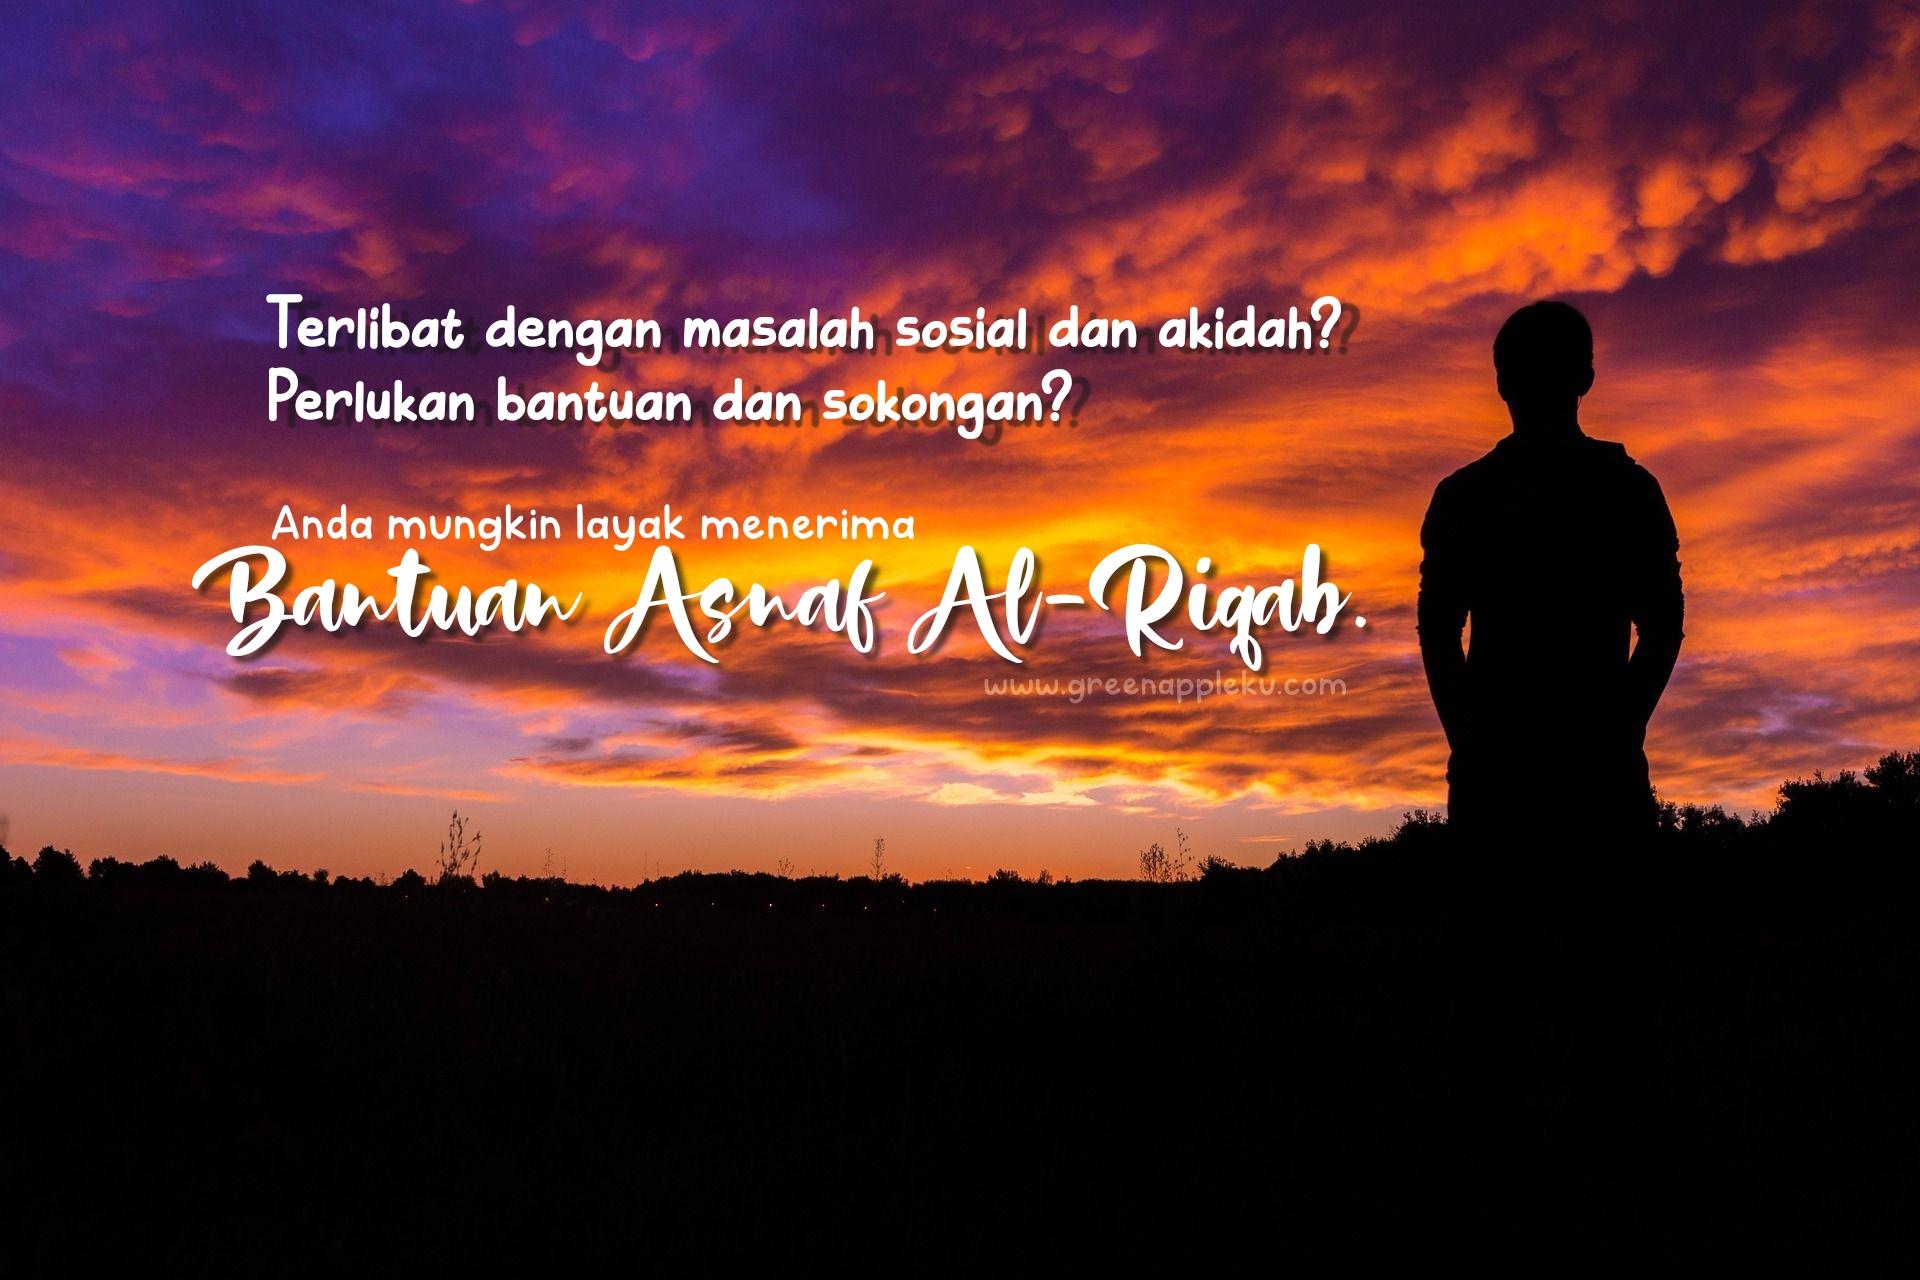 Asnaf Al-Riqab